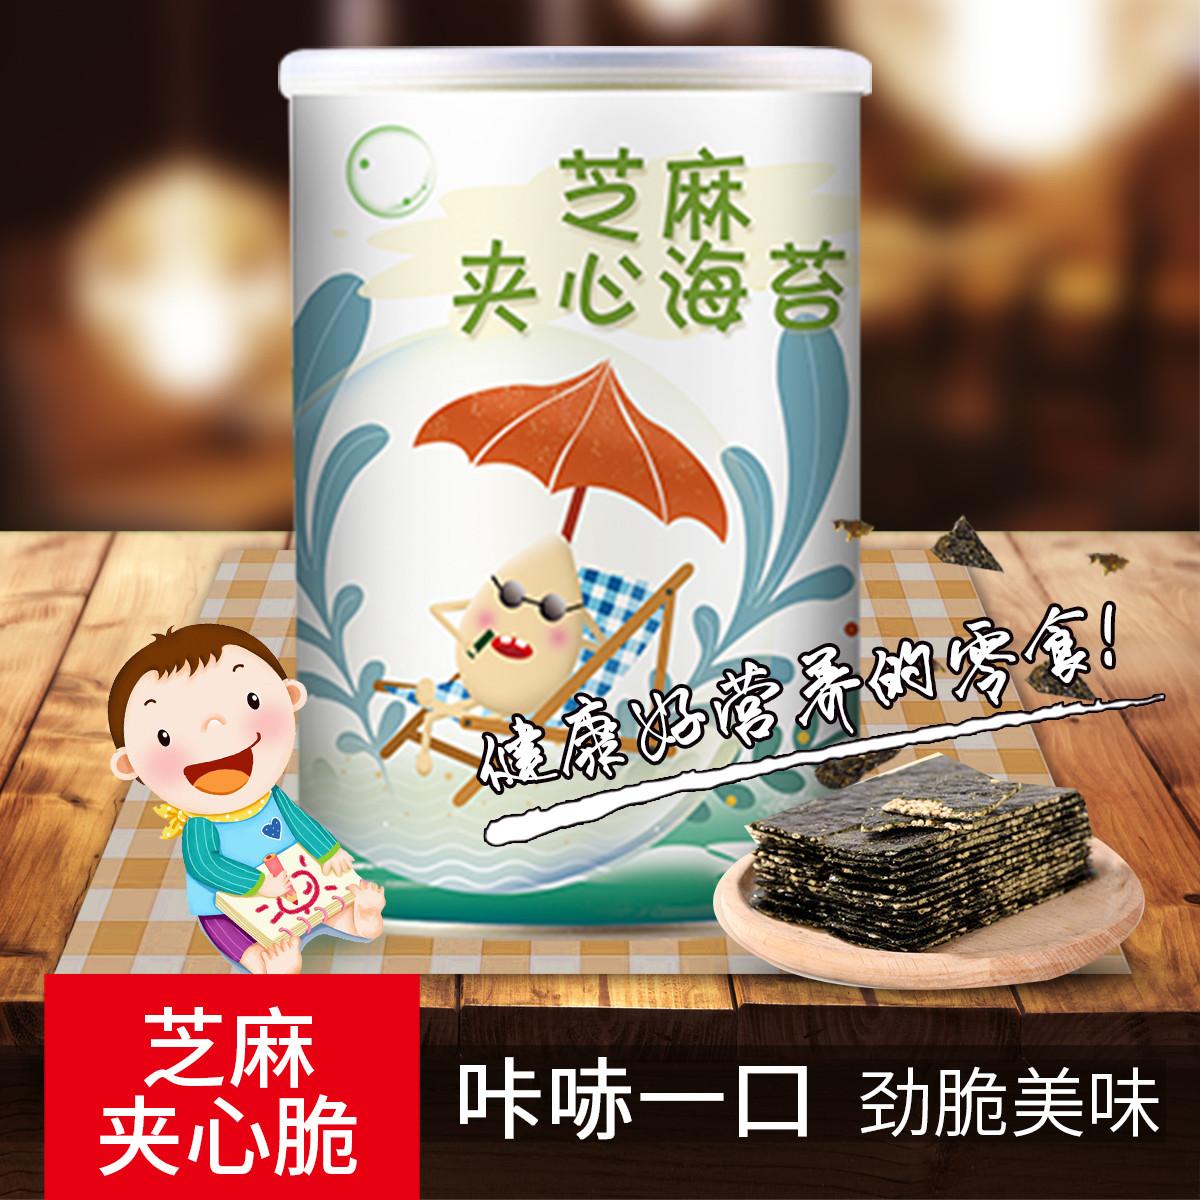 唯仟芝麻夹心海苔夹心脆儿童海苔寿司即食海苔婴儿海苔饼干肉松52gCOLOR其它颜色